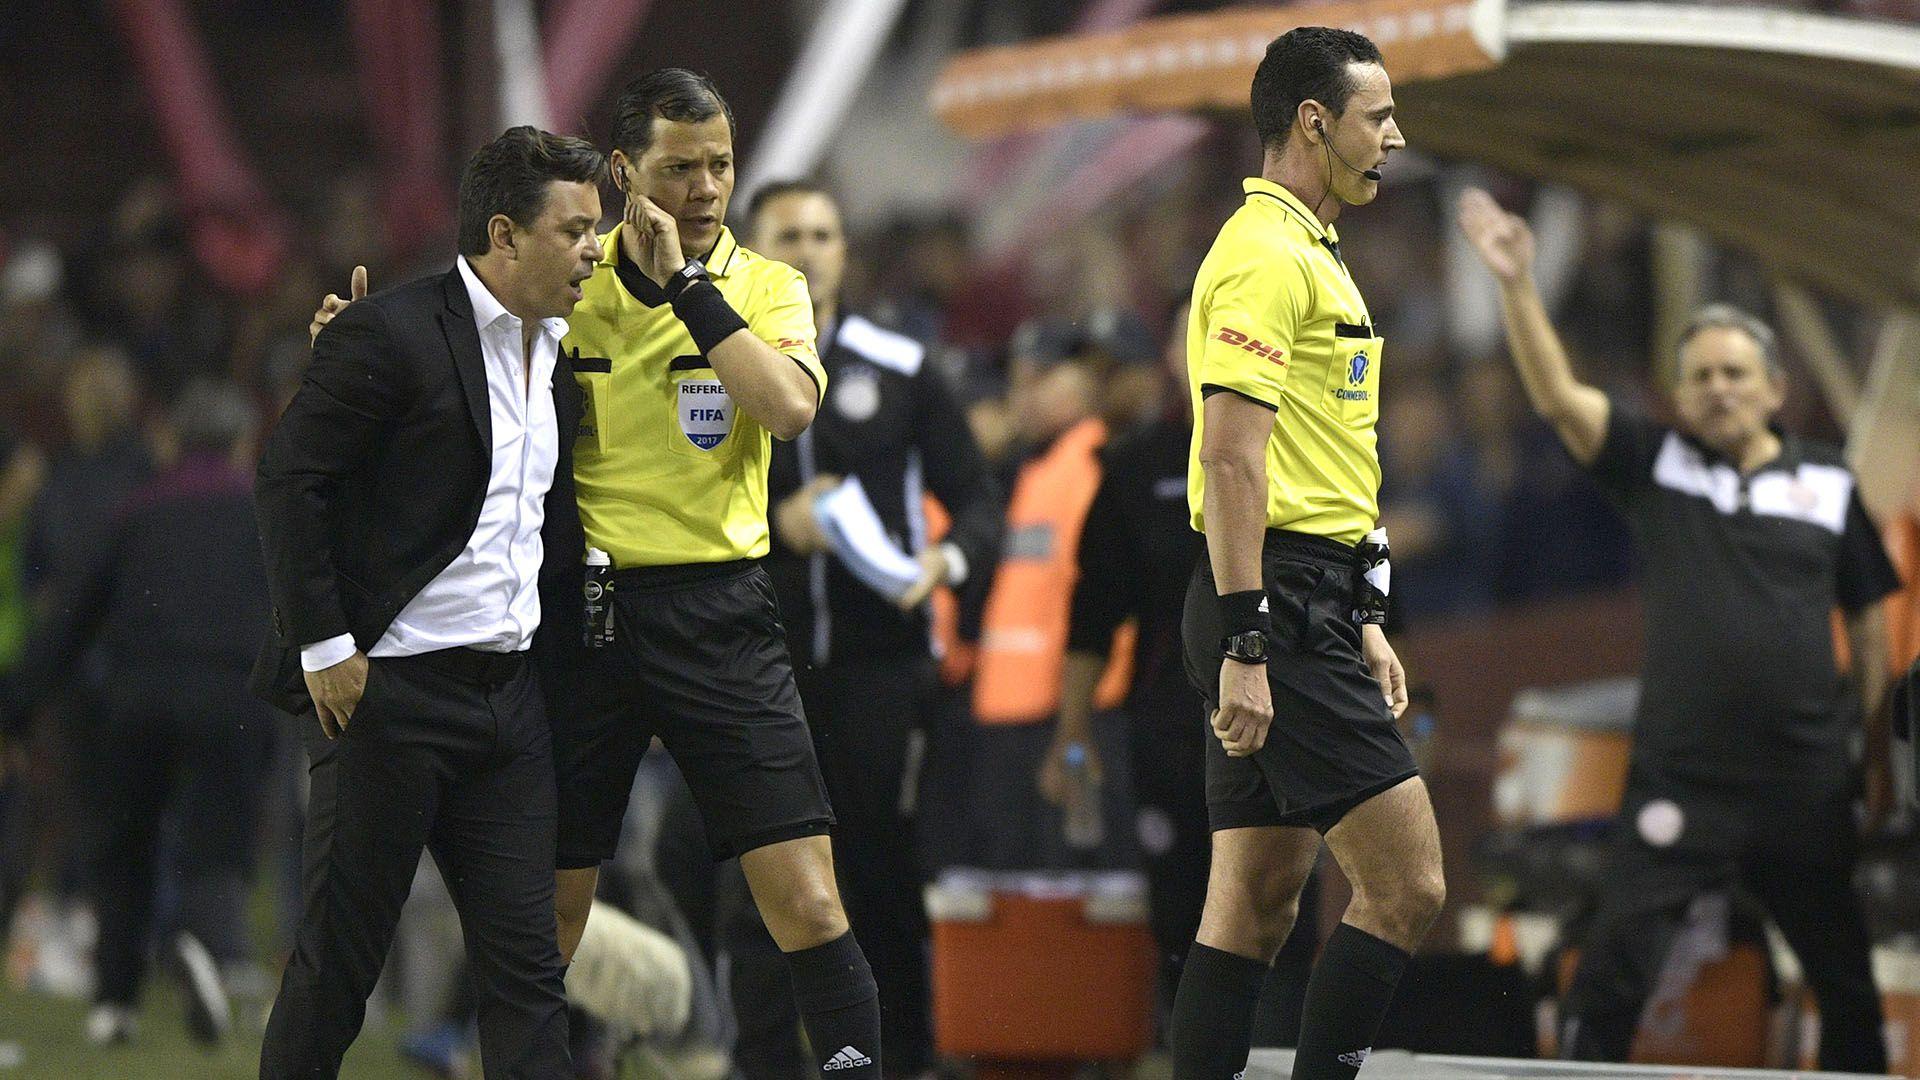 La Conmebol definió cómo elegirá los árbitros de la Copa Libertadores (Foto: AFP)